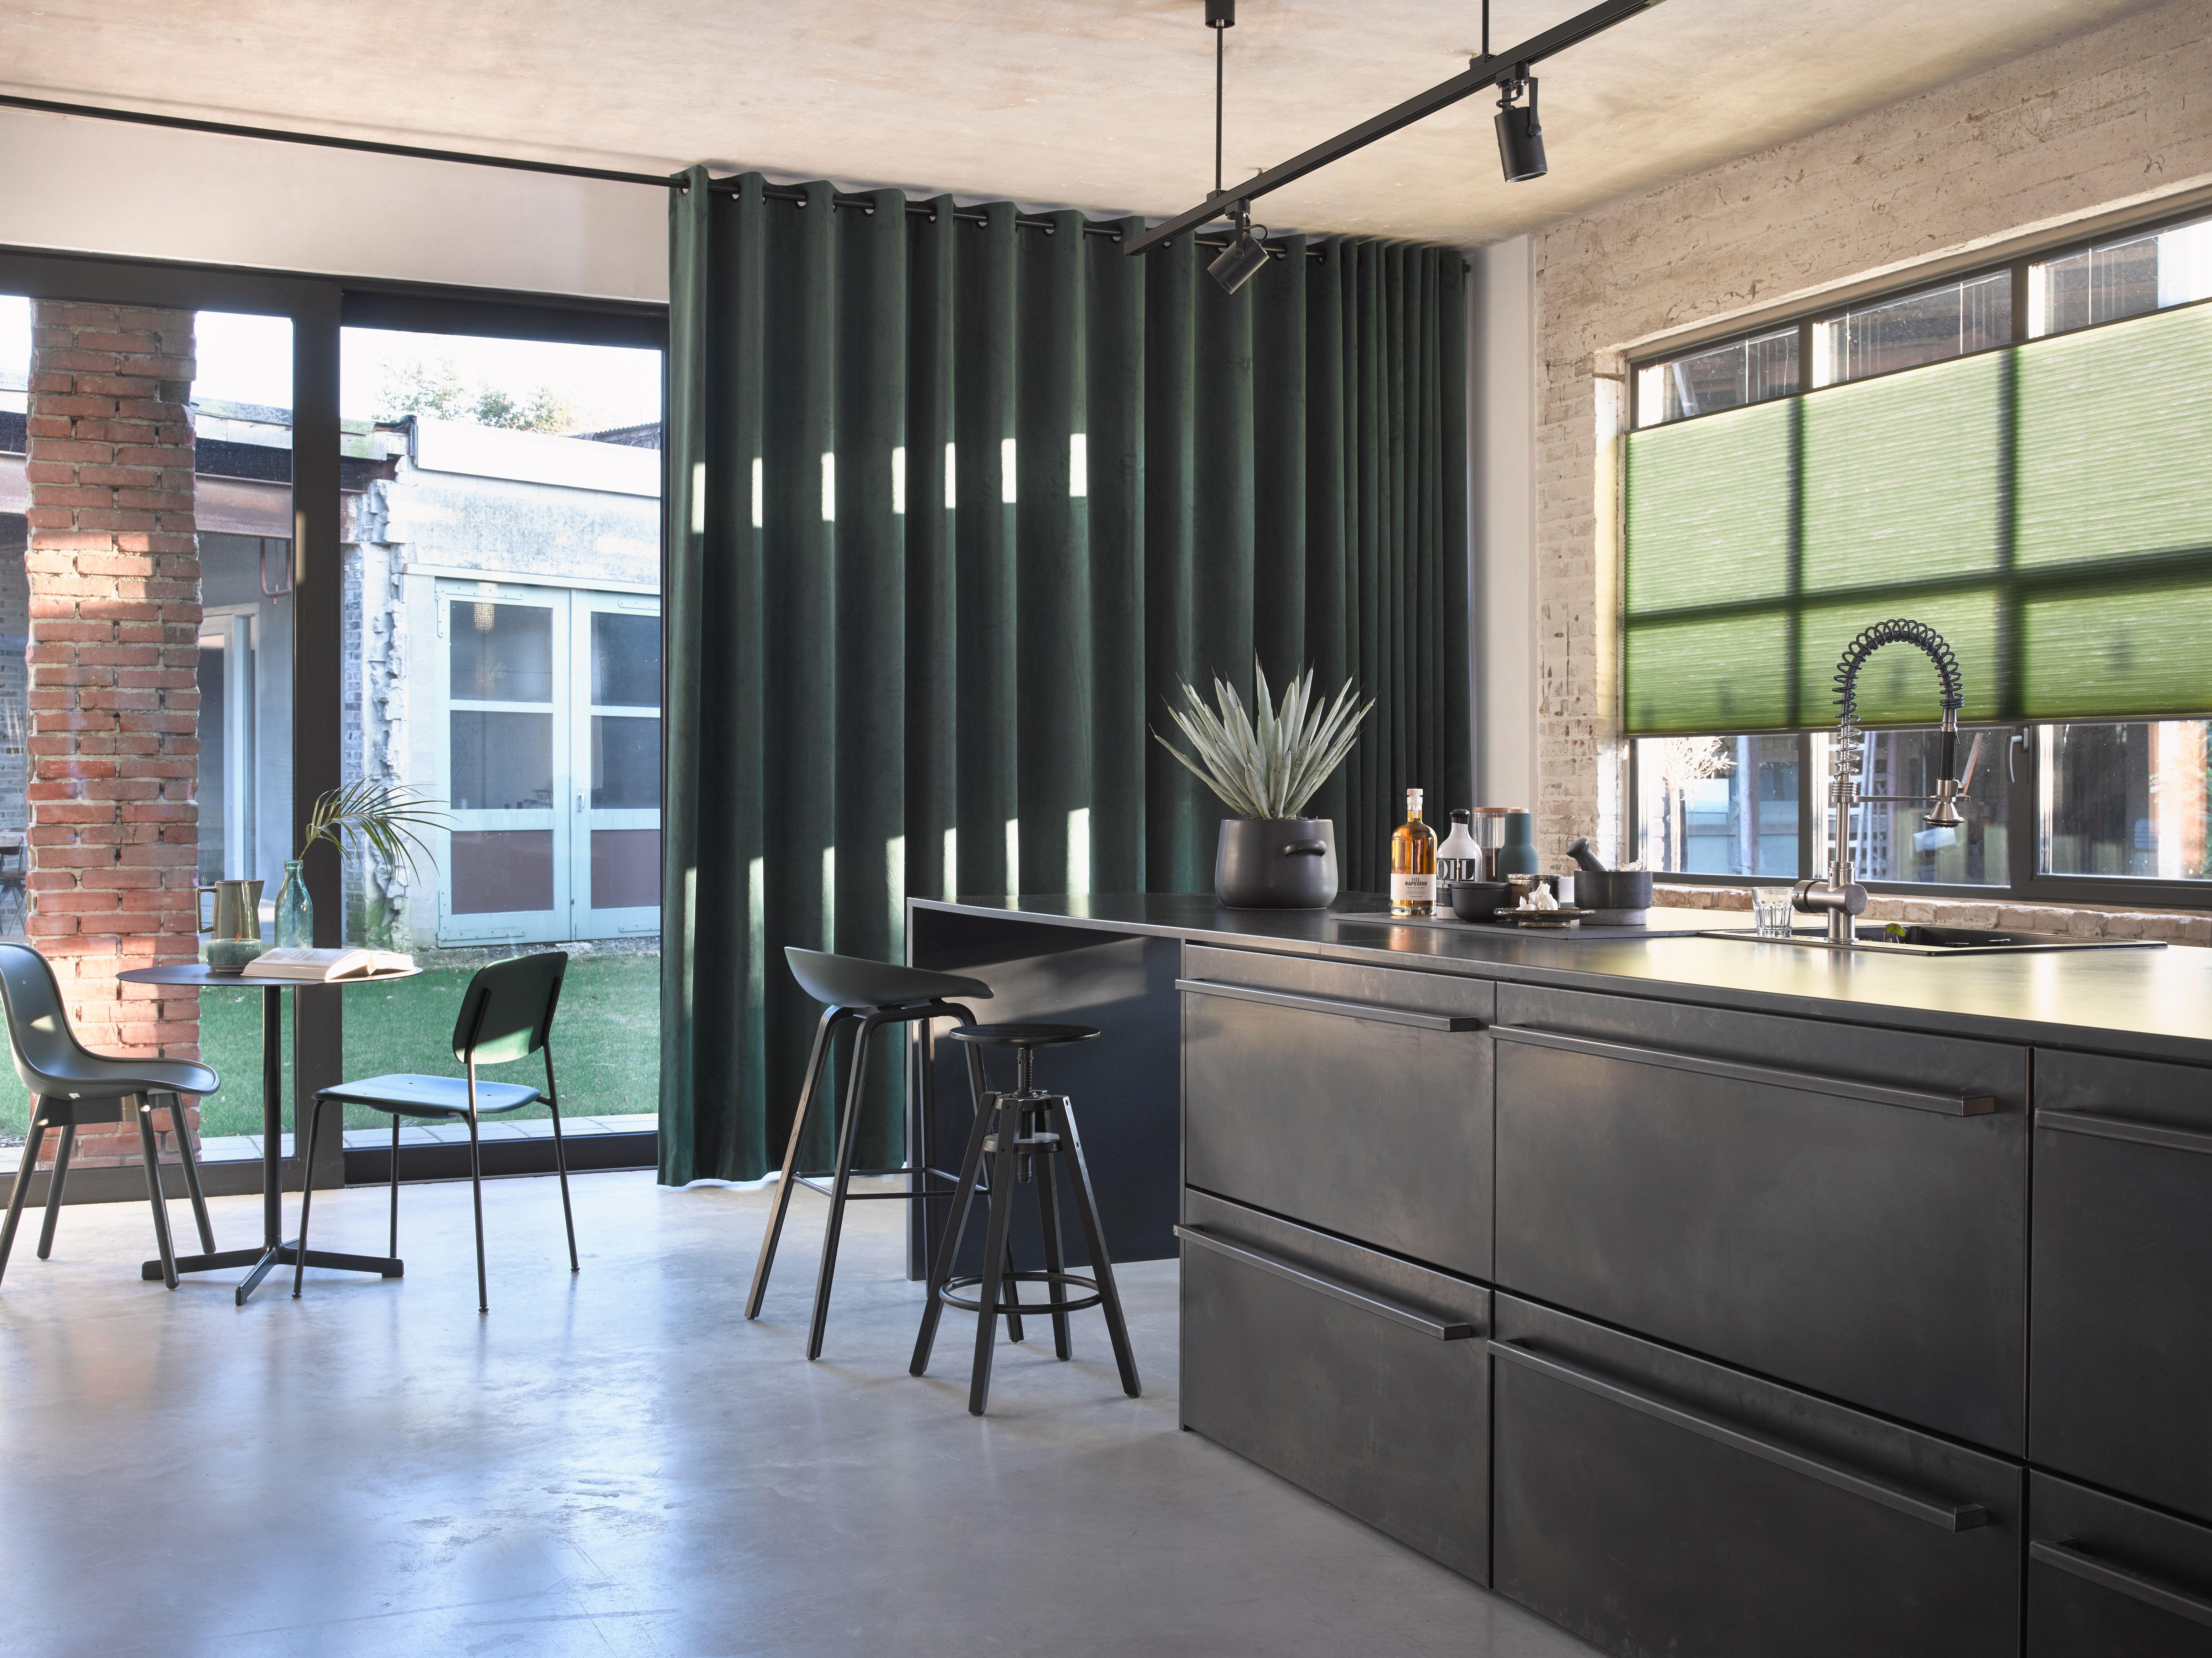 Groene velours gordijnen Isola in moderne keuken